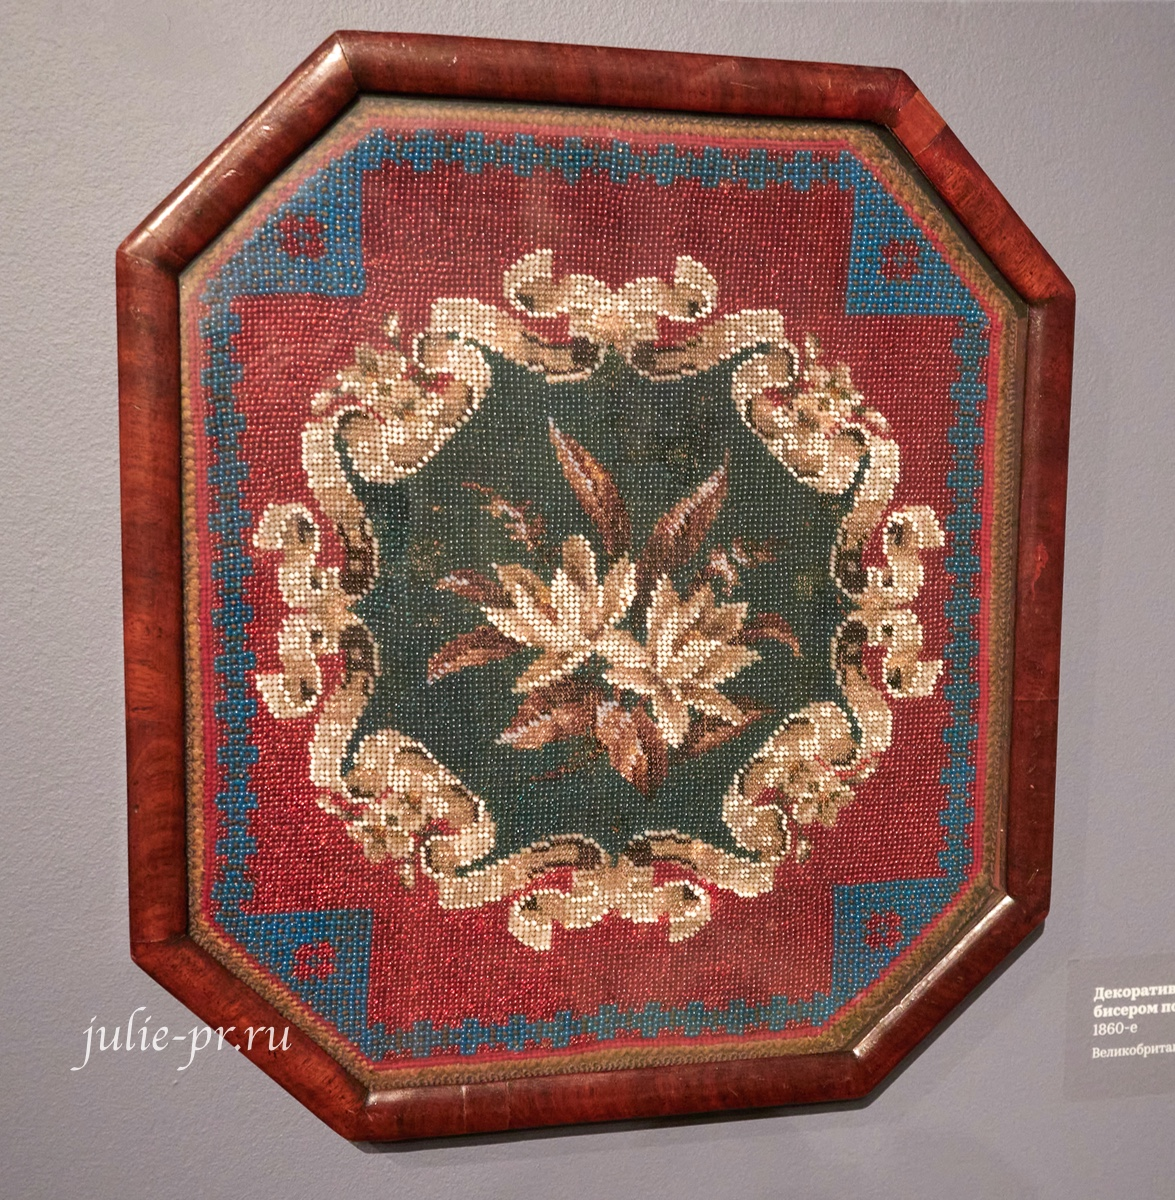 Вышивка для свечного экрана, 1860-е гг, Великобритания, вышивка венецианским бисером по канве, музей Тропинина, выставка Старинные вышивки